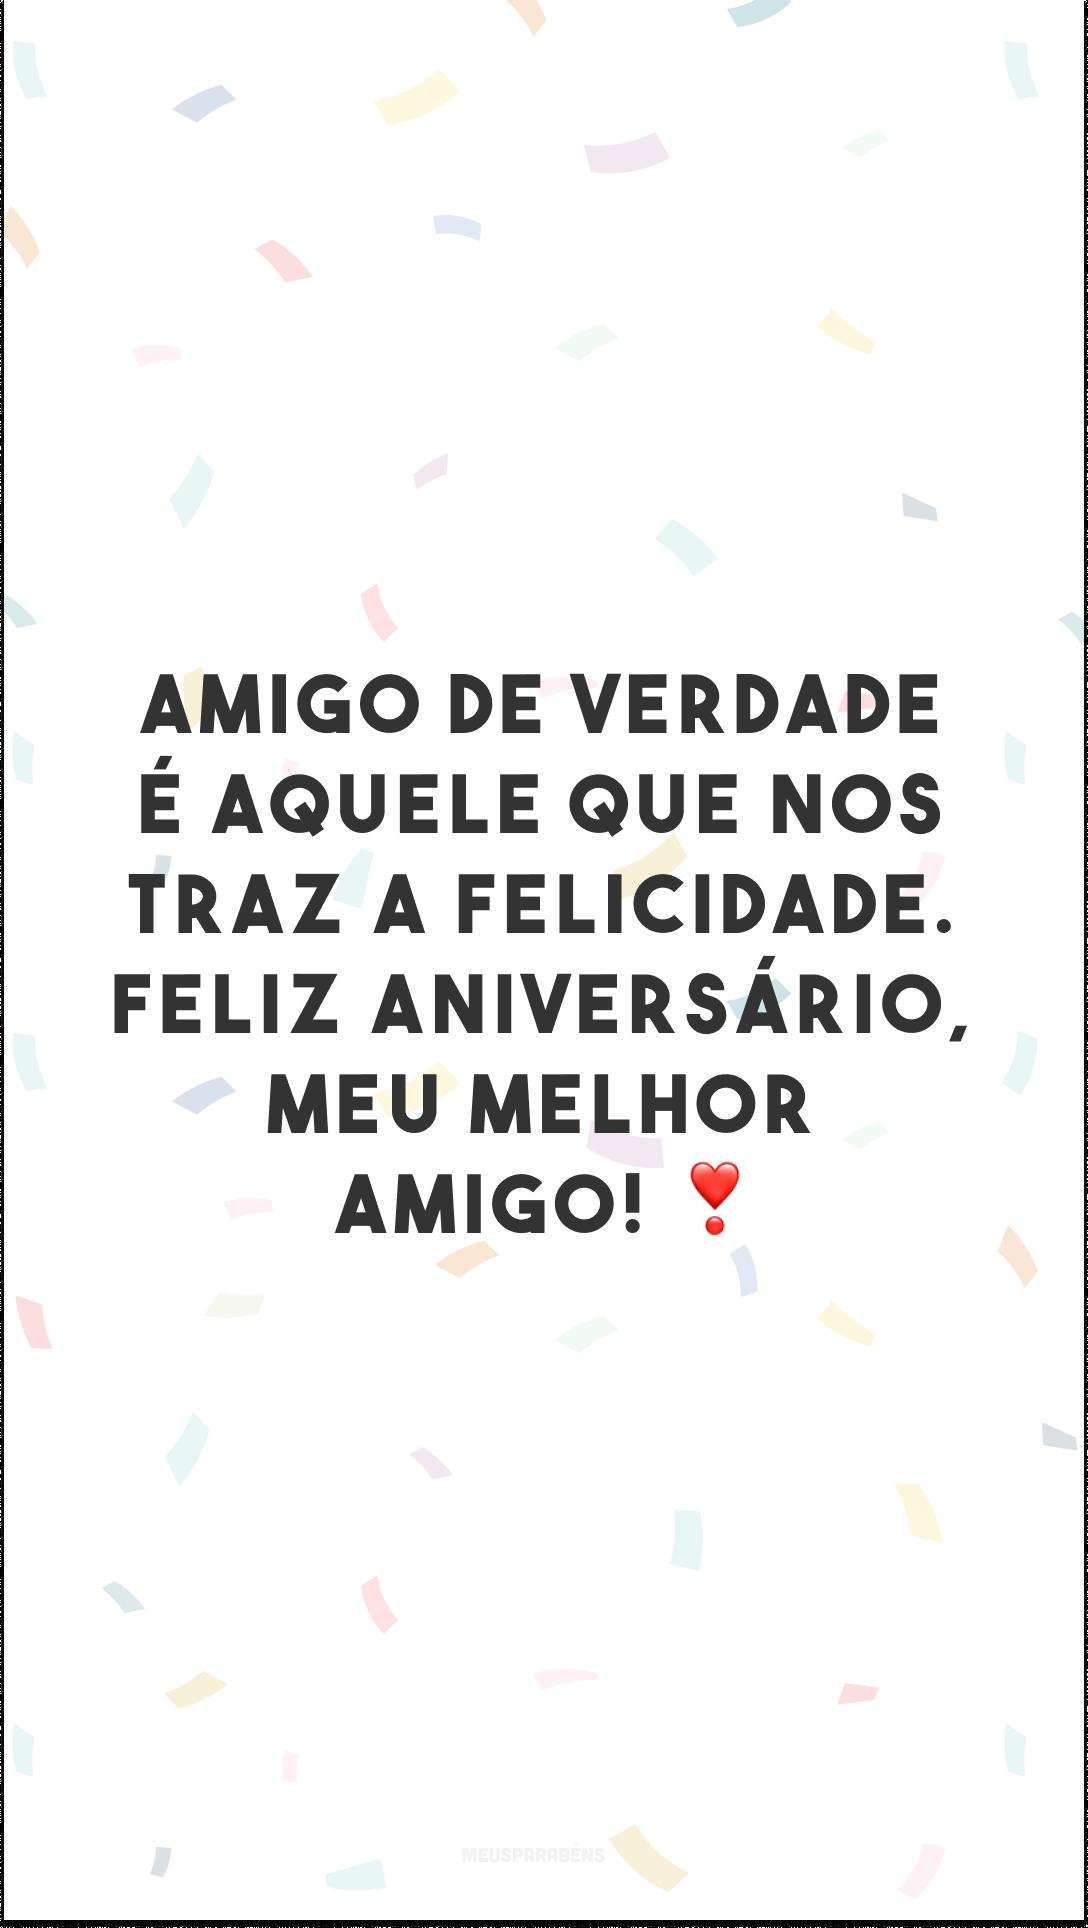 Amigo de verdade é aquele que nos traz a felicidade. Feliz aniversário, meu melhor amigo! ❣